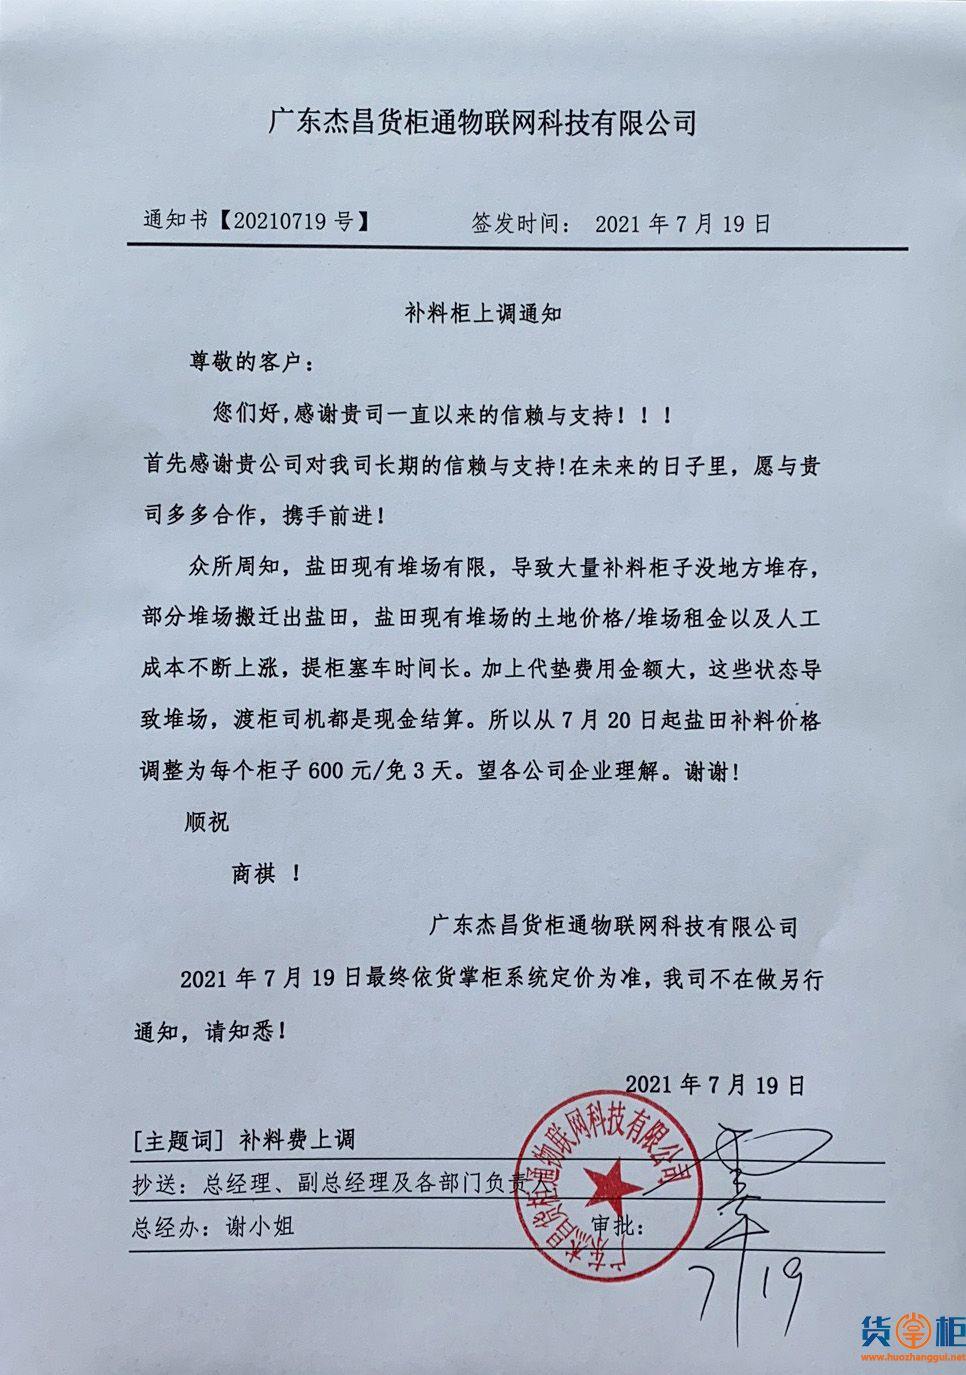 广东杰昌货柜通物联网科技有限公司补料柜上调通知